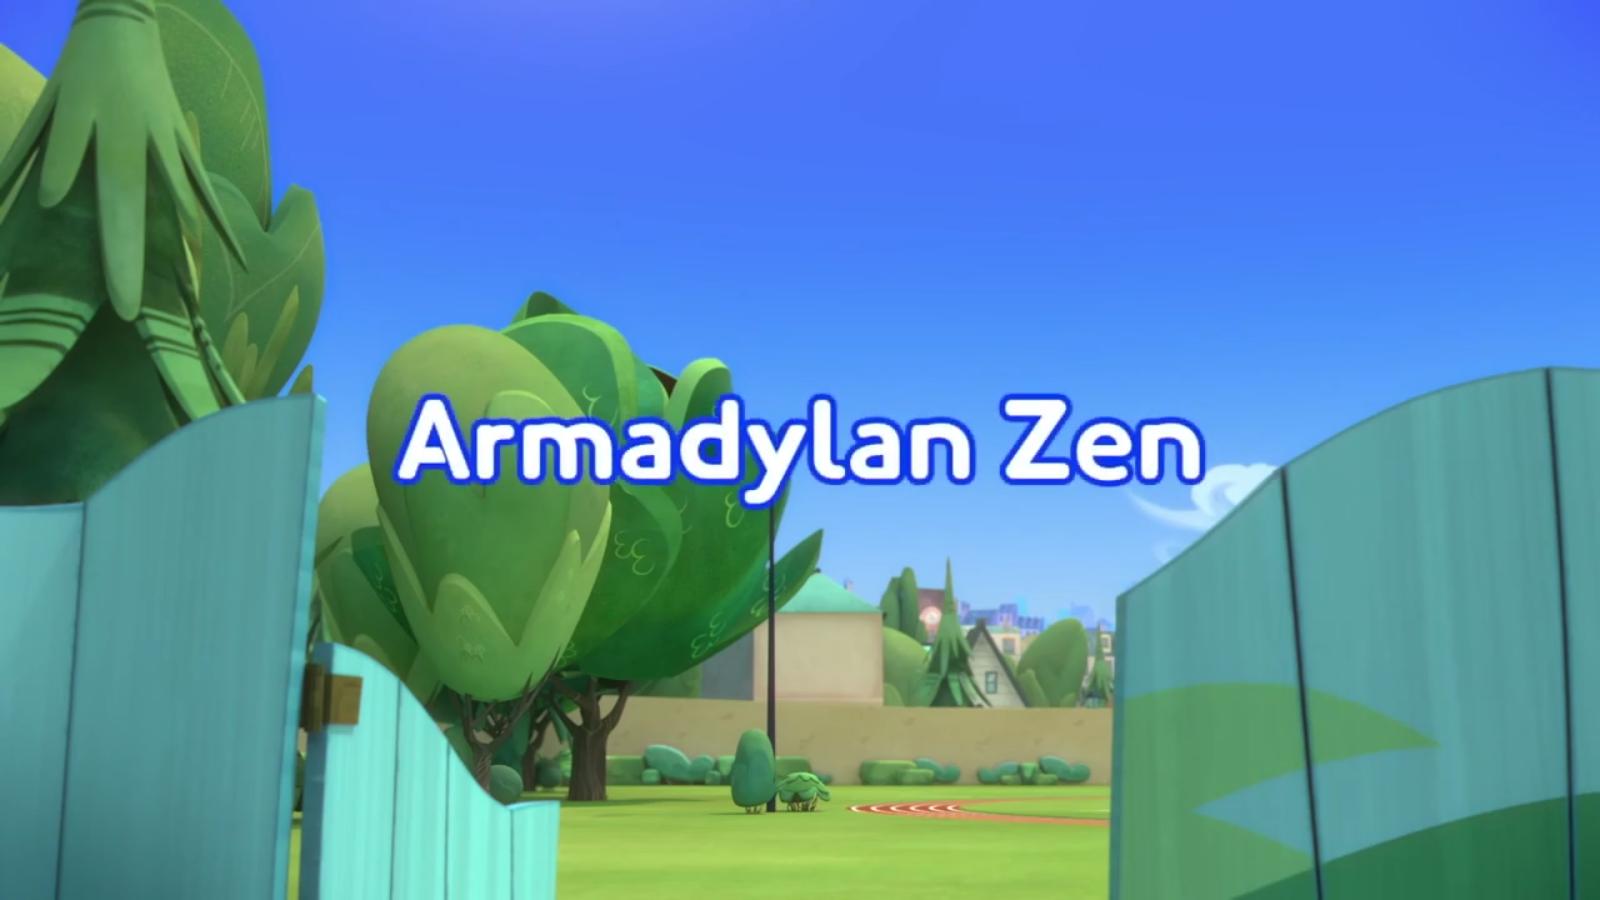 Armadylan Zen